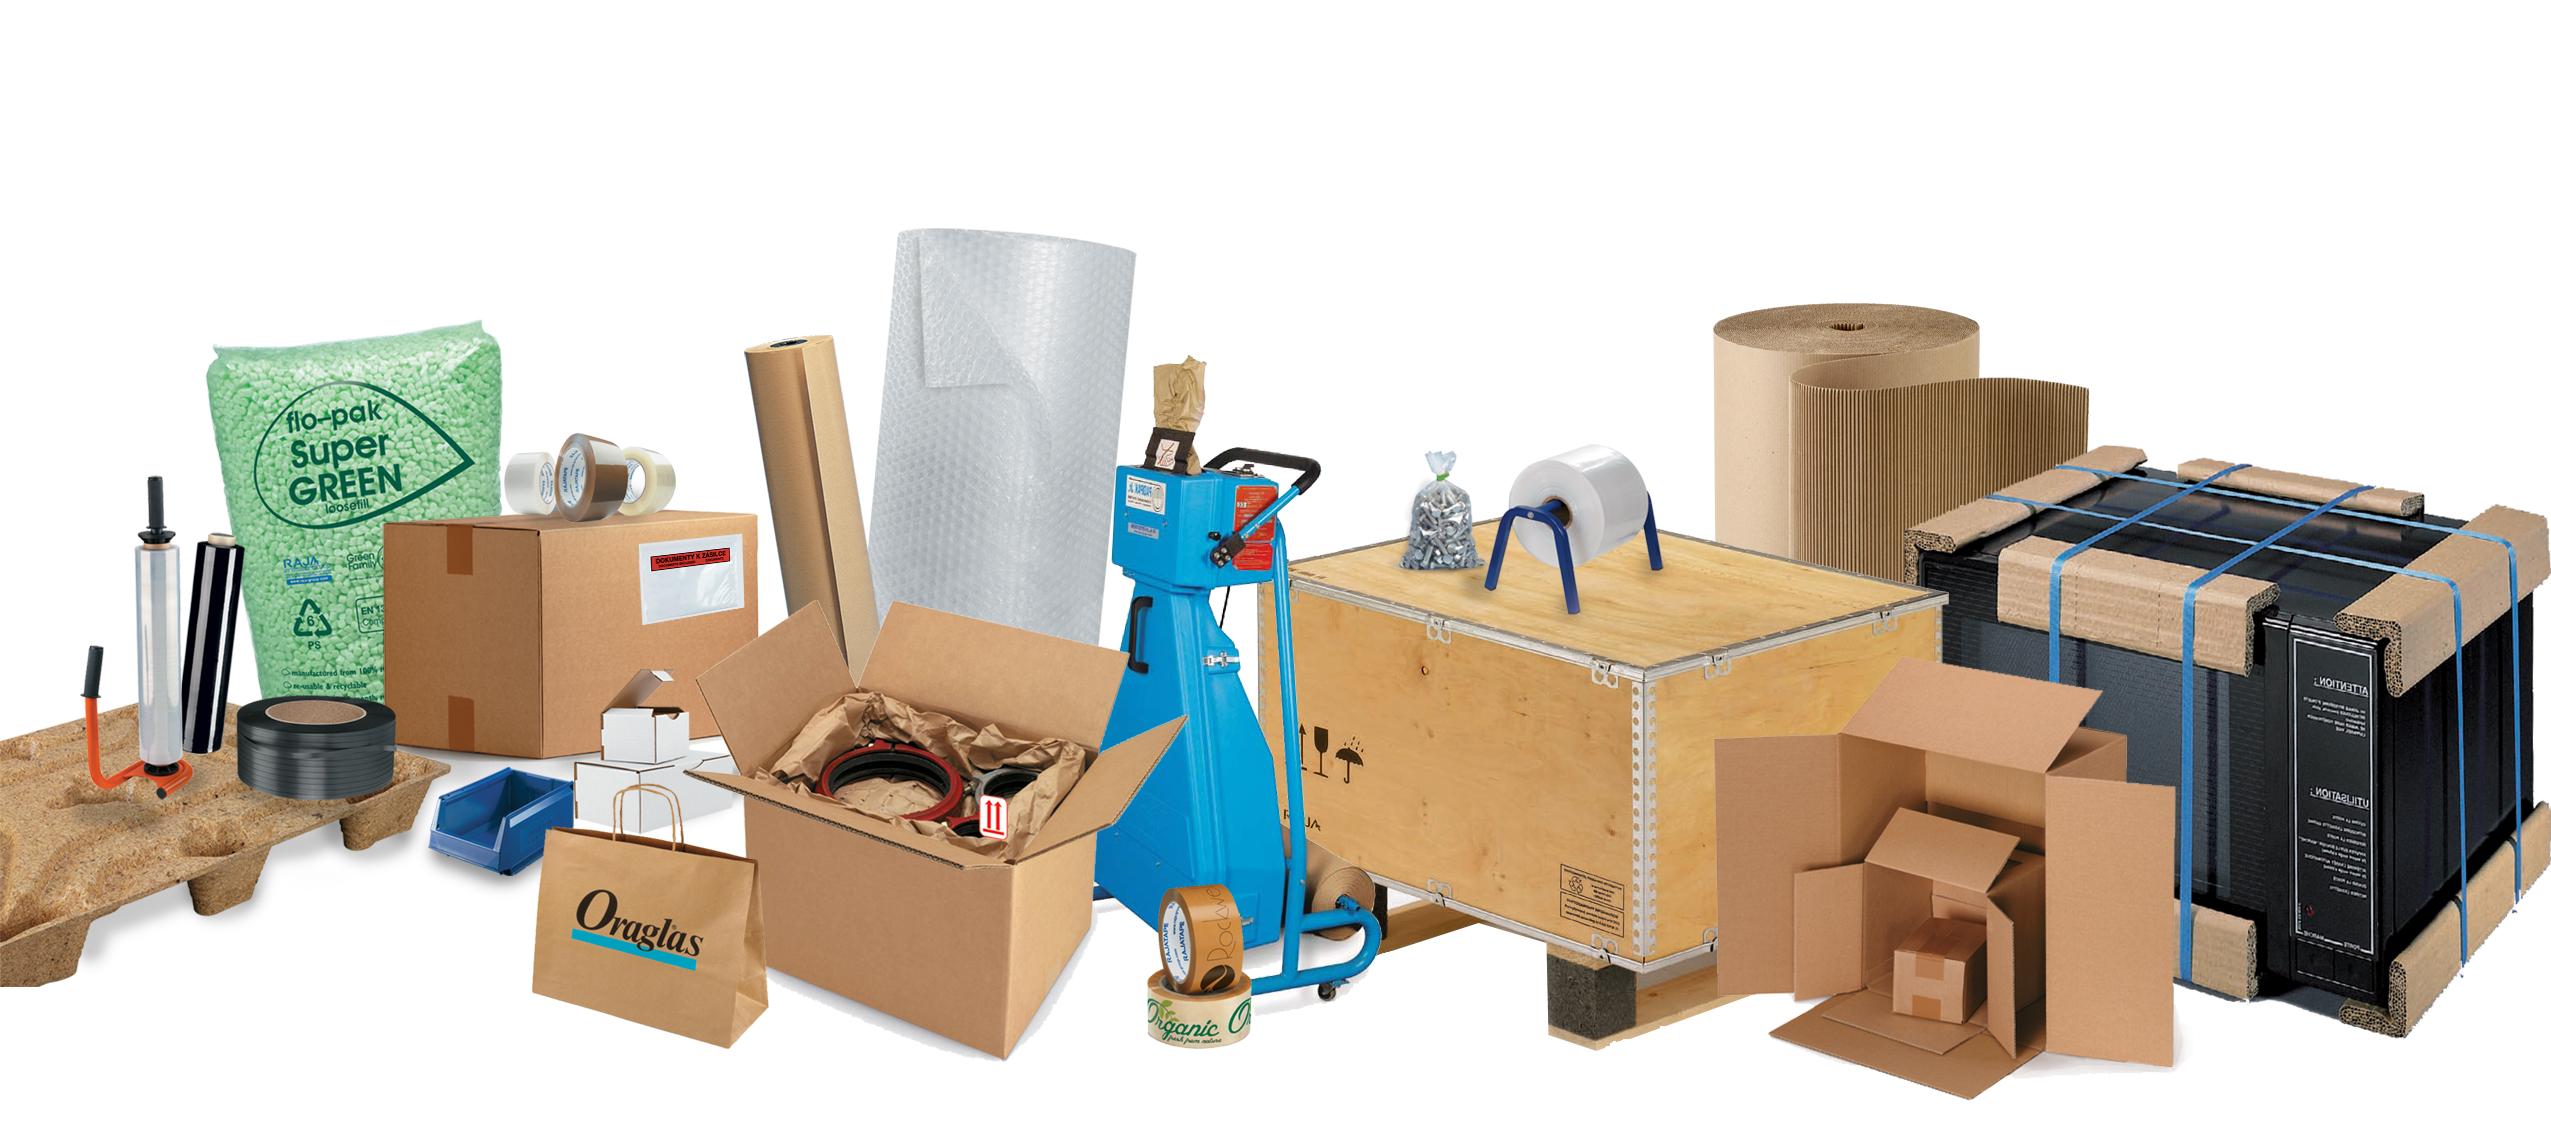 Rajapack+Produkte Impressionnant De Gifi Villeneuve D ascq Concept